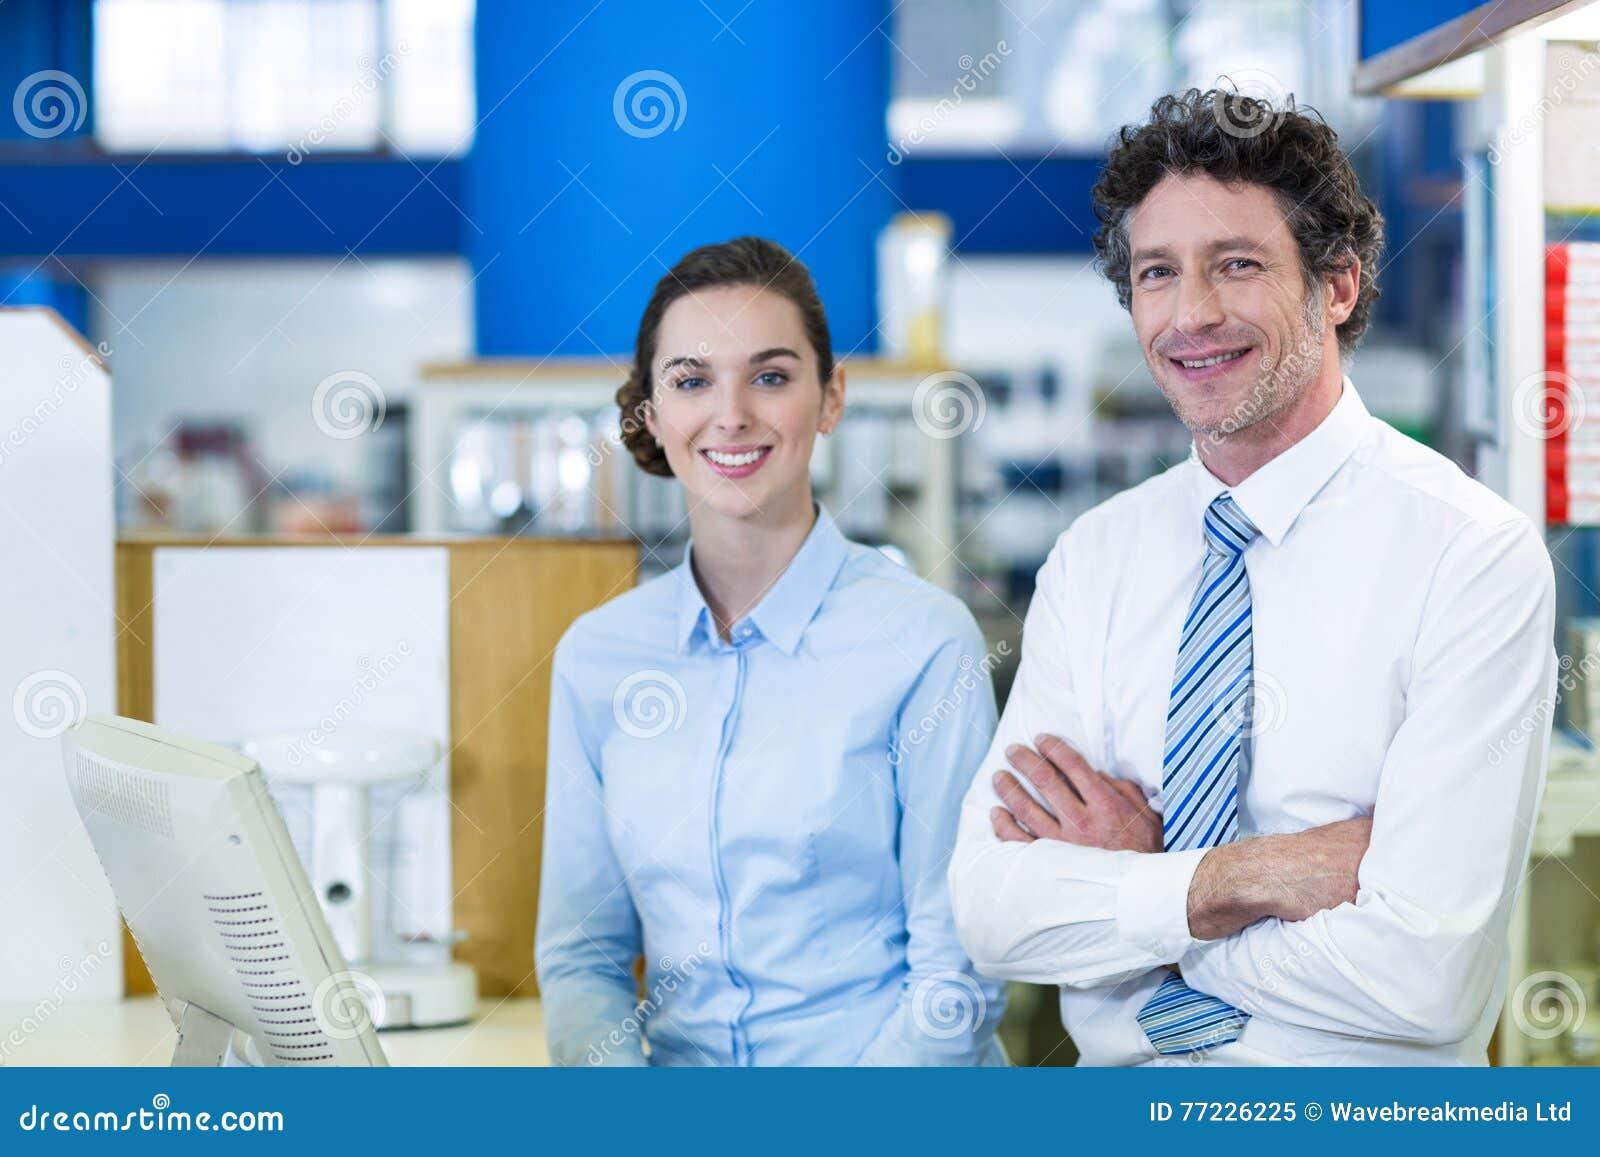 Χαμογελώντας φαρμακοποιοί που στέκονται στο μετρητή στο φαρμακείο